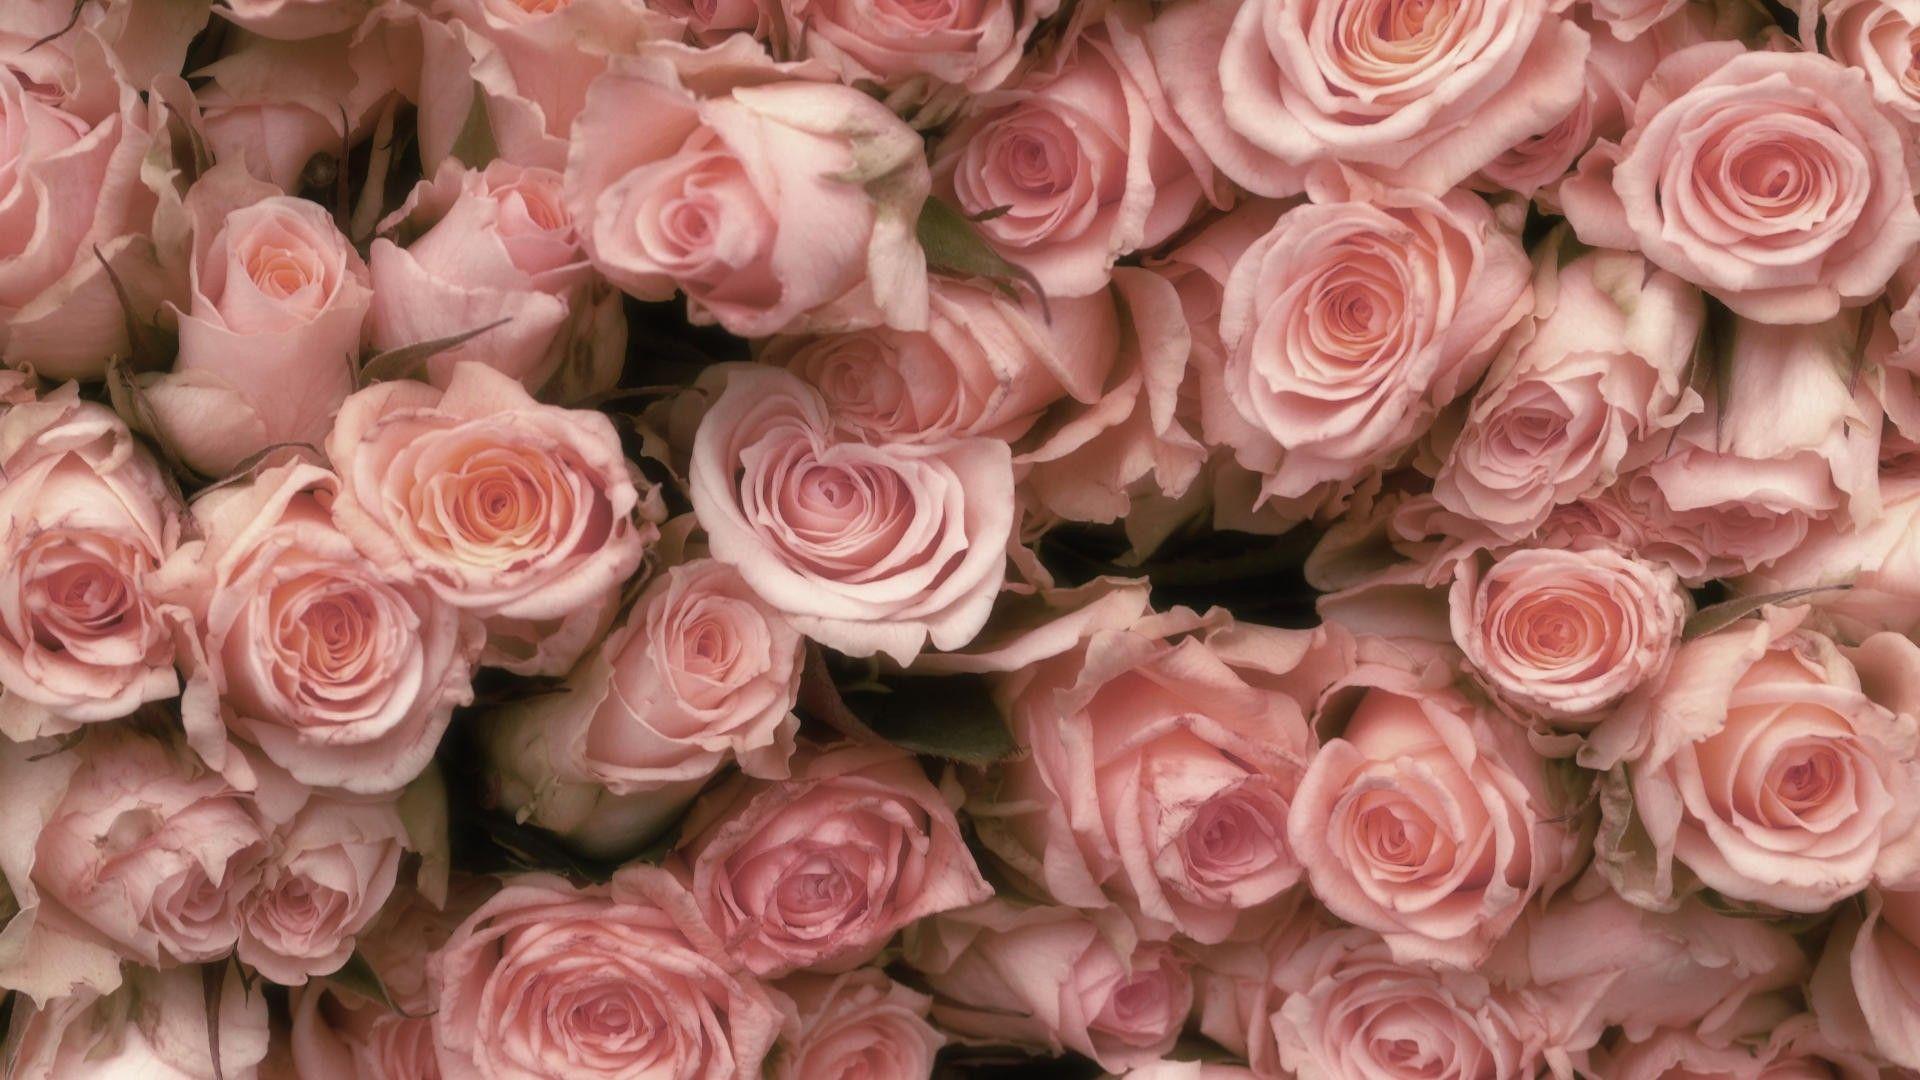 desktop wallpaper tumblr,flower,rose,garden roses,flowering plant,pink